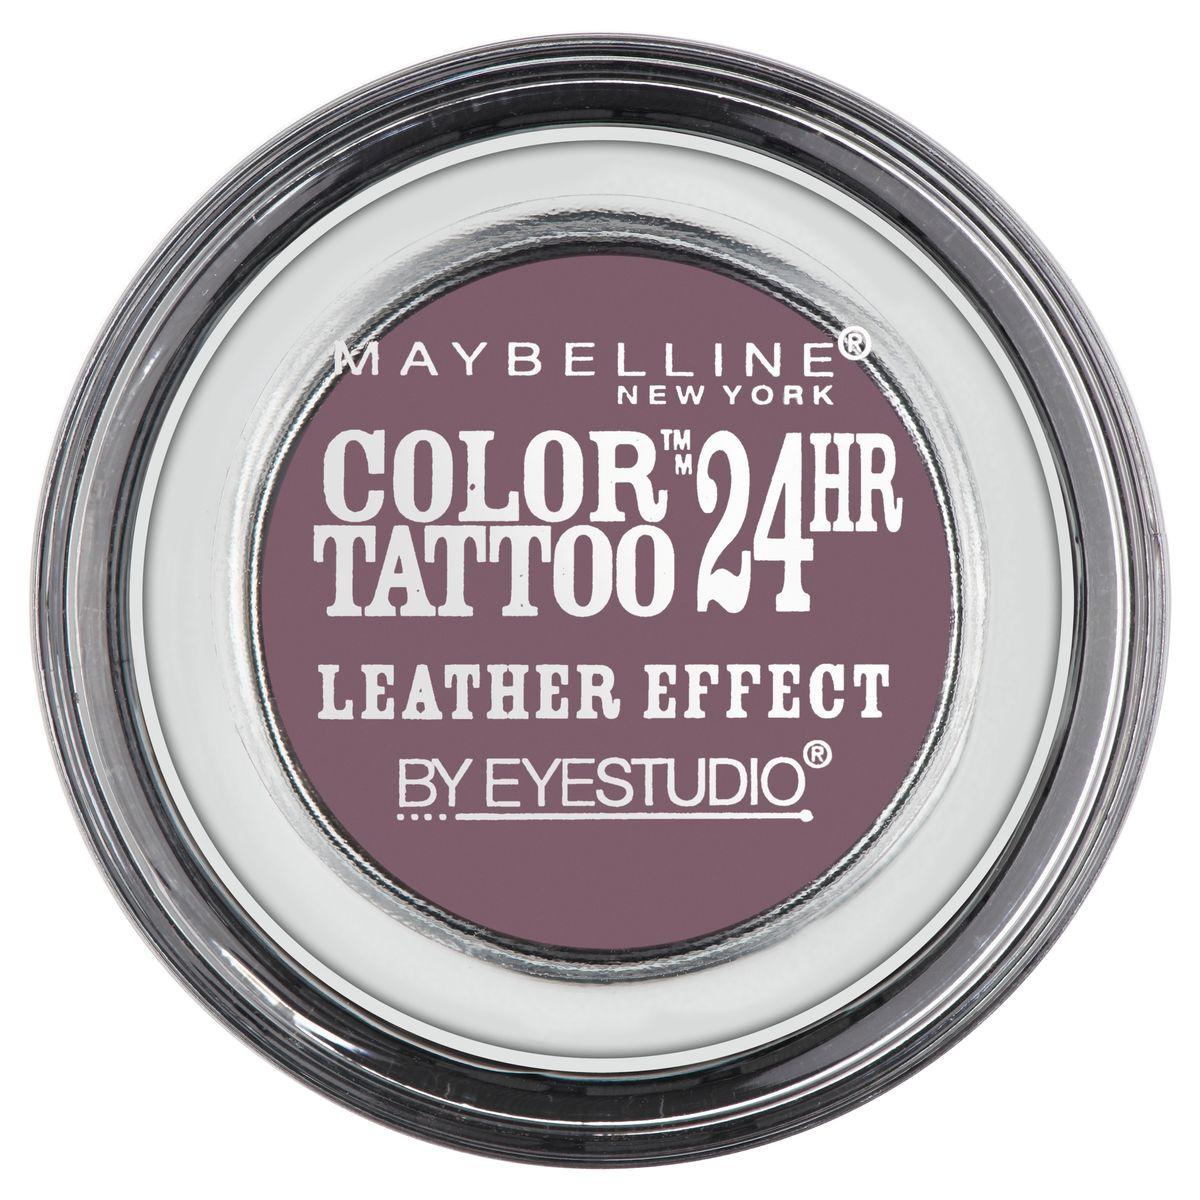 Maybelline New York Тени для век Color Tattoo, оттенок 97, Сливовый десерт, 4 млMFM-3101Технология тату-пигментов создает яркий, супернасыщенный цвет. Крем-гелевая текстура обеспечивает ультралегкое нанесение и стойкость на 24 часа.